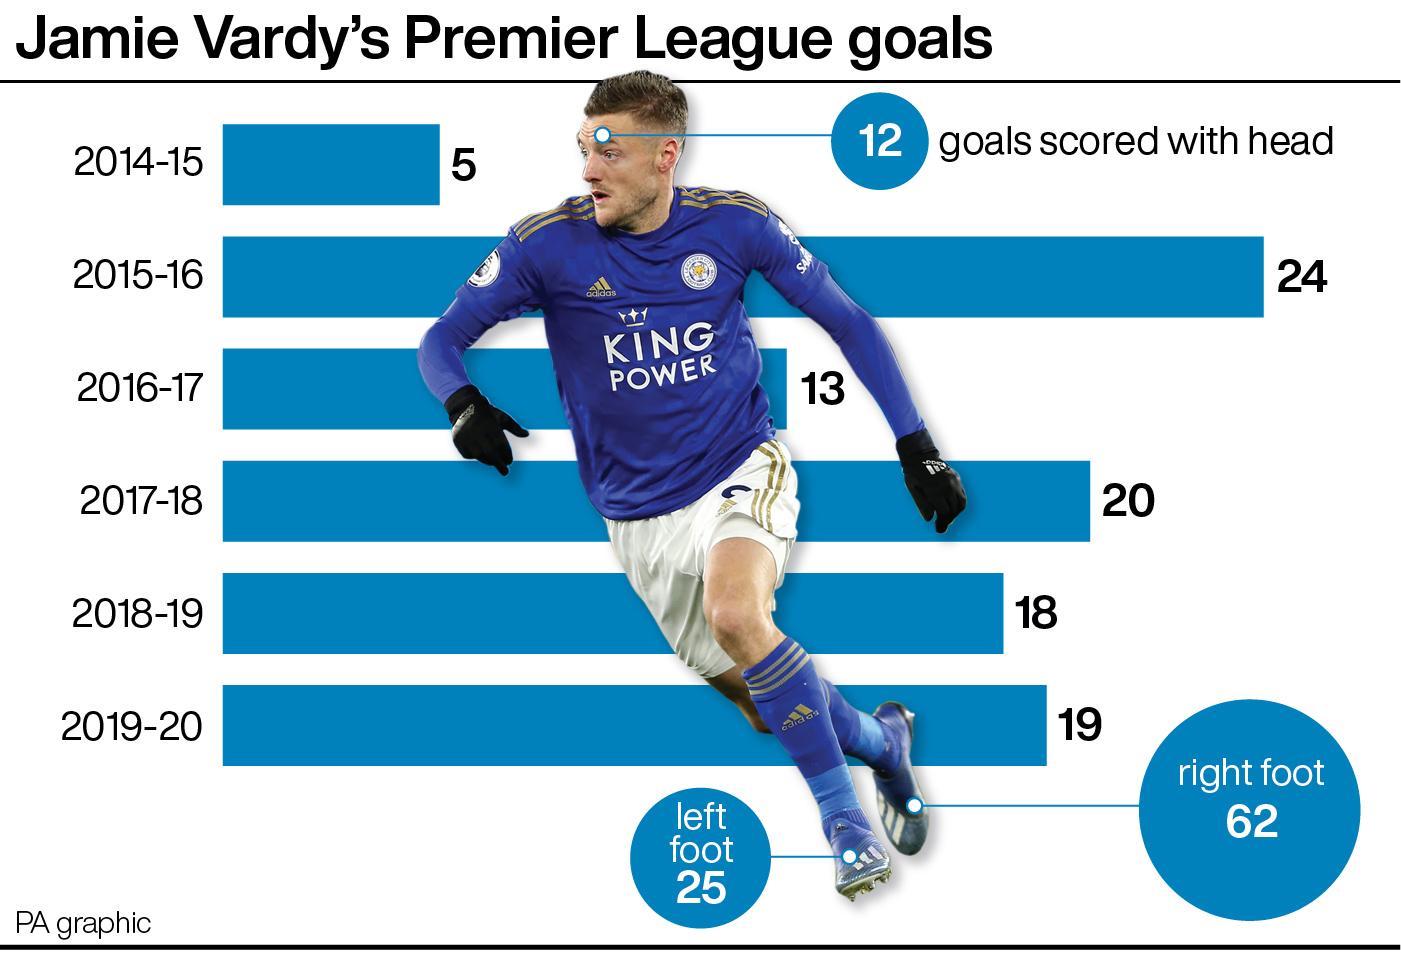 Jamie Vardy's Premier League goals